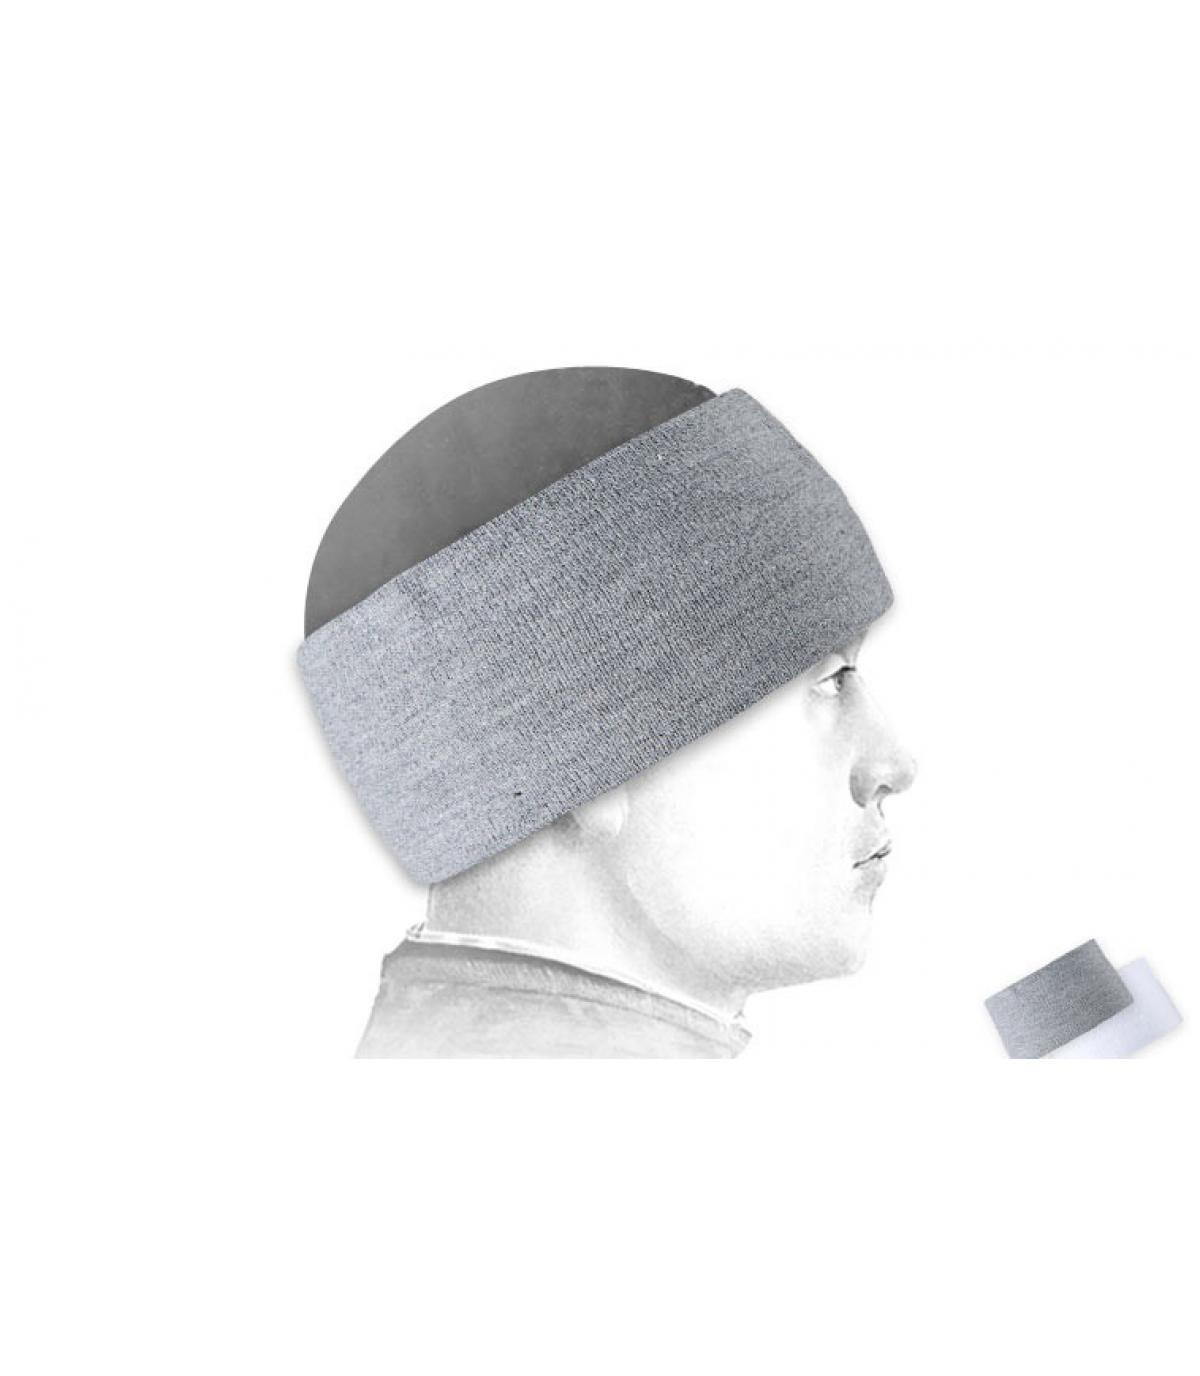 Kopfband ski grau